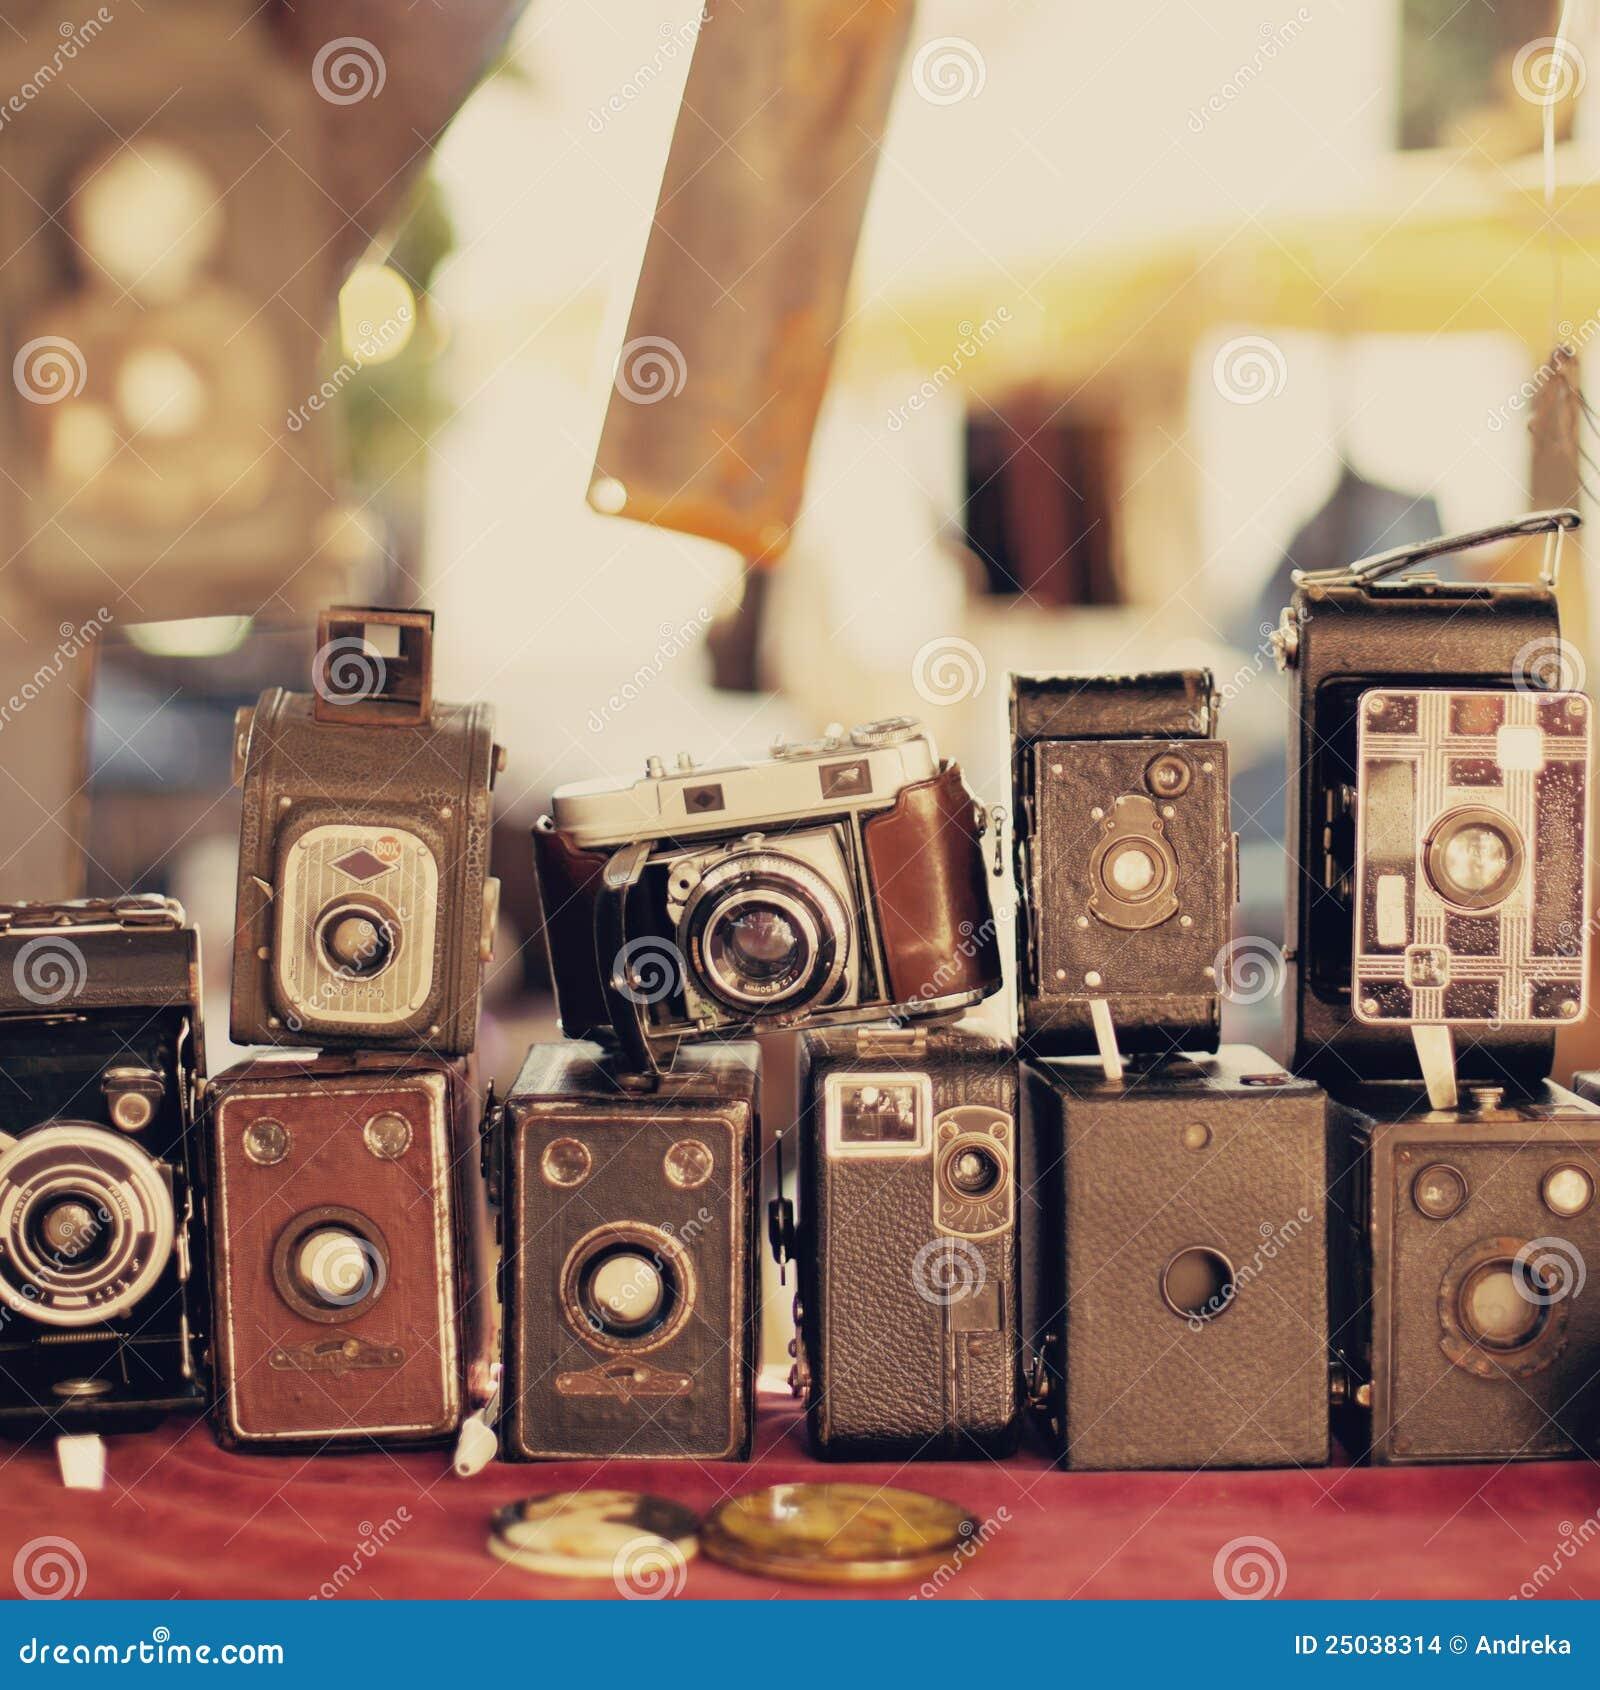 Old retro cameras